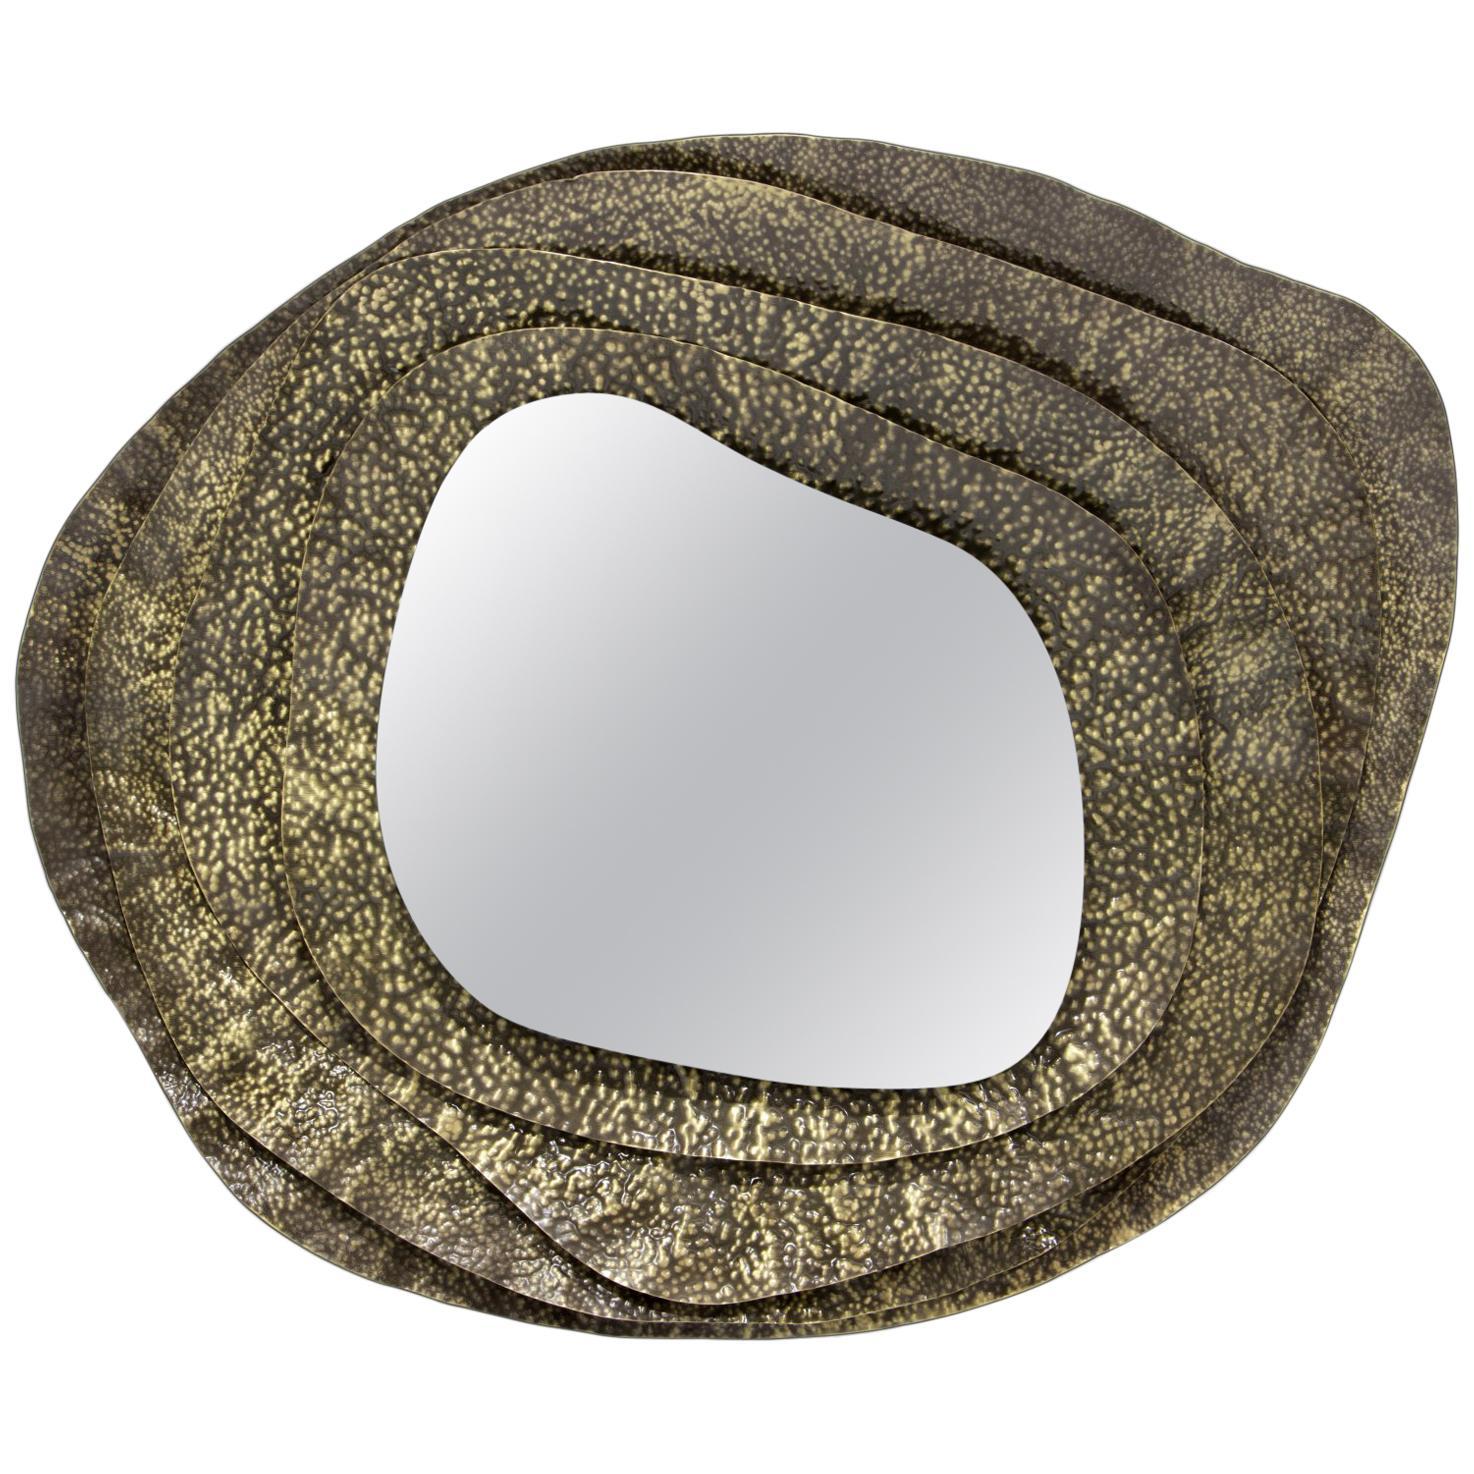 Kumi II Round Mirror in Hammered Aged Brass